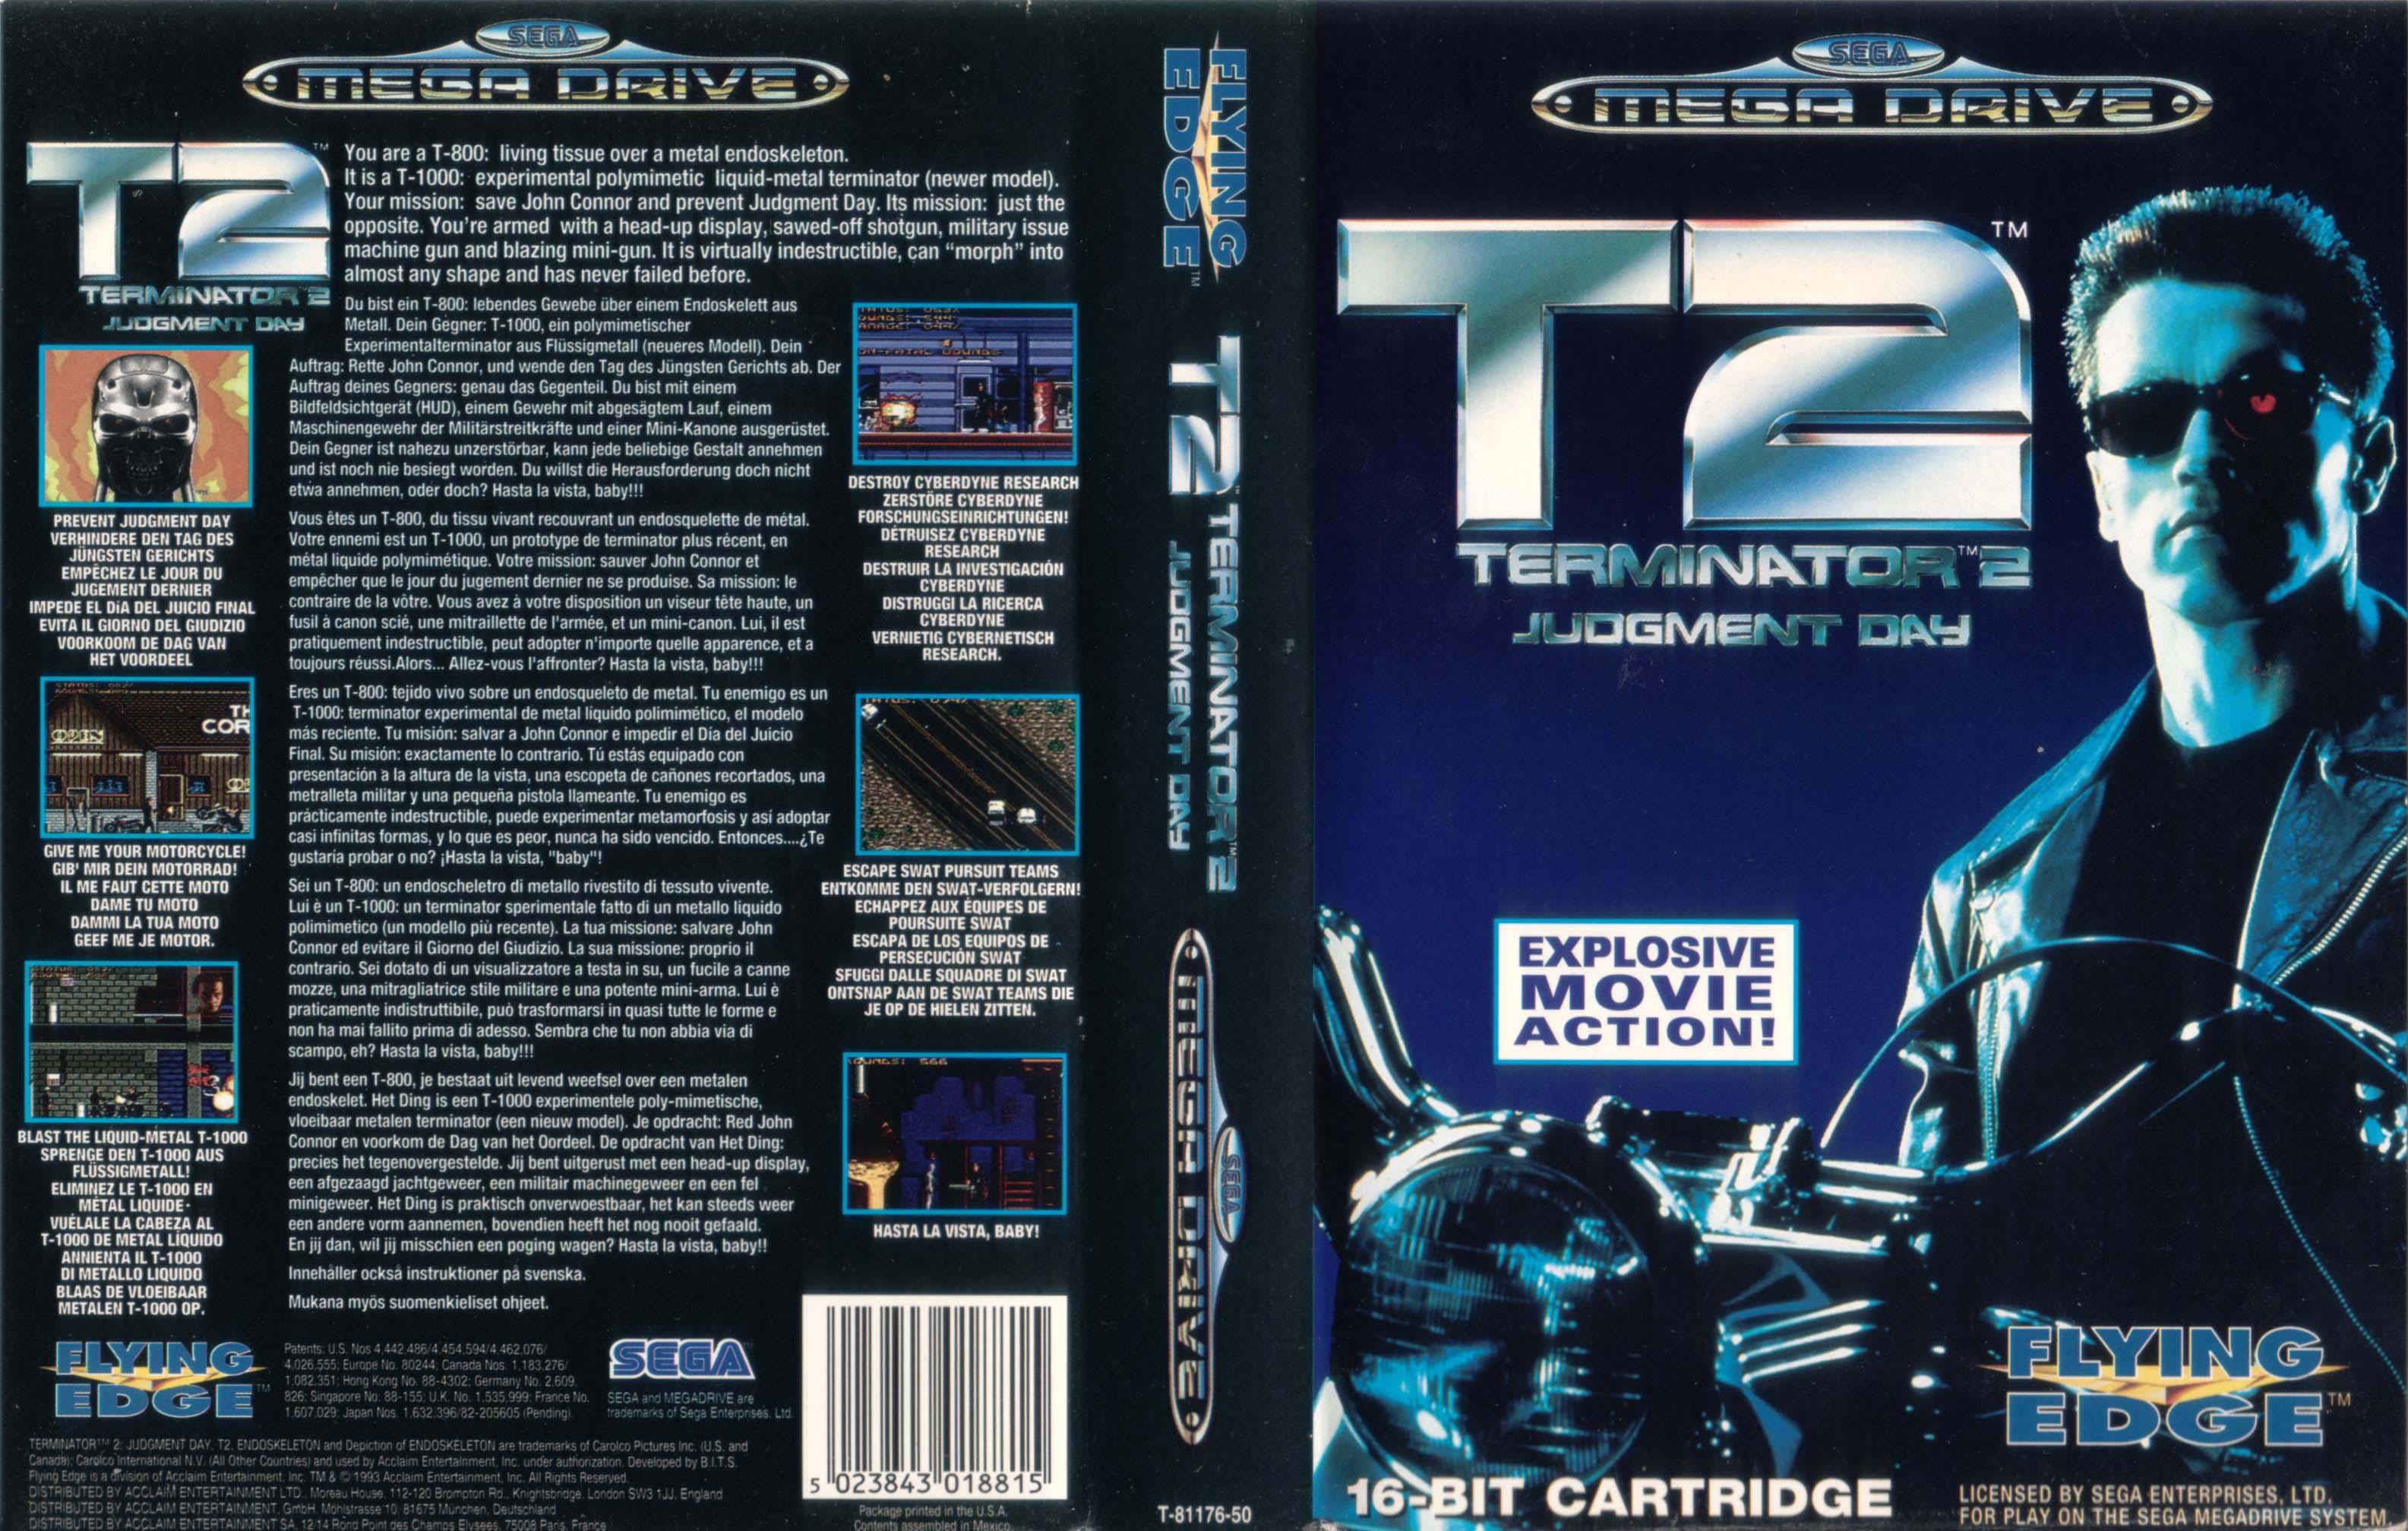 T2JD_MD_EU_Box